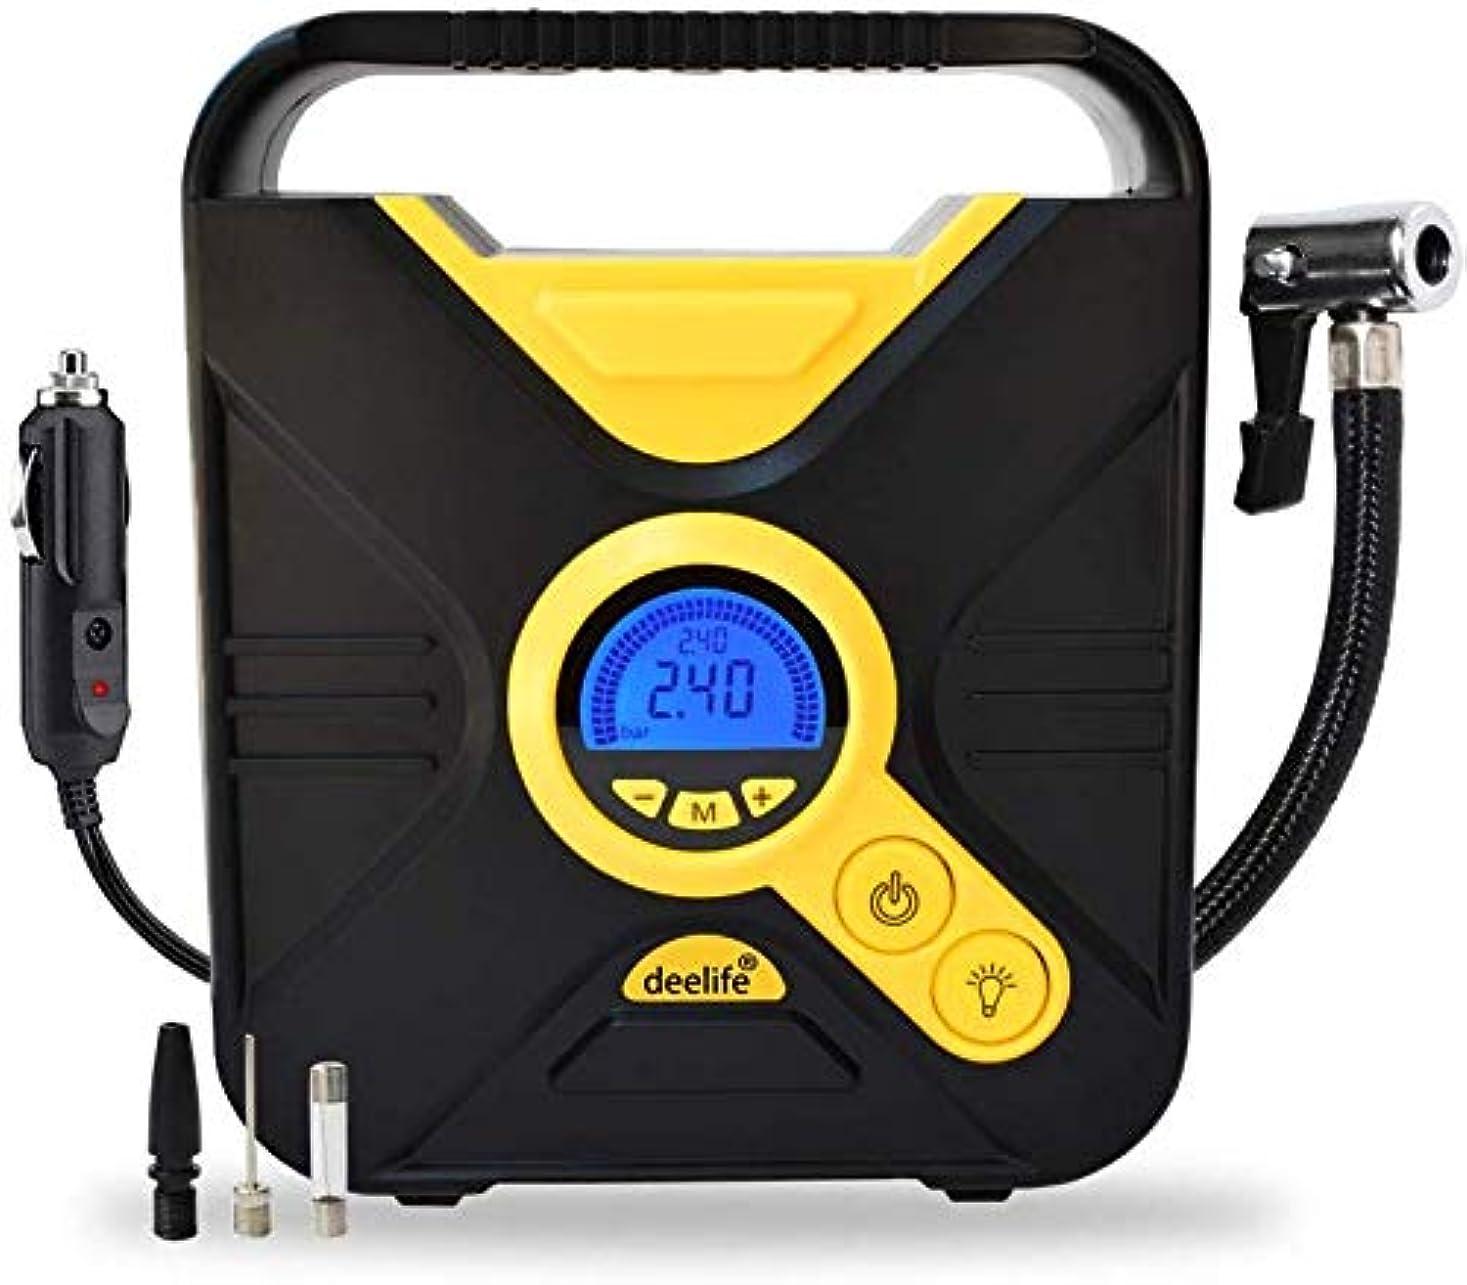 スポークスマン樹皮テープLcdデジタル表示装置が付いている携帯用空気圧縮機ポンプデジタルタイヤのインフレーター12vおよび車のオートバイの自転車およびスポーツ用品に適した導かれたライト